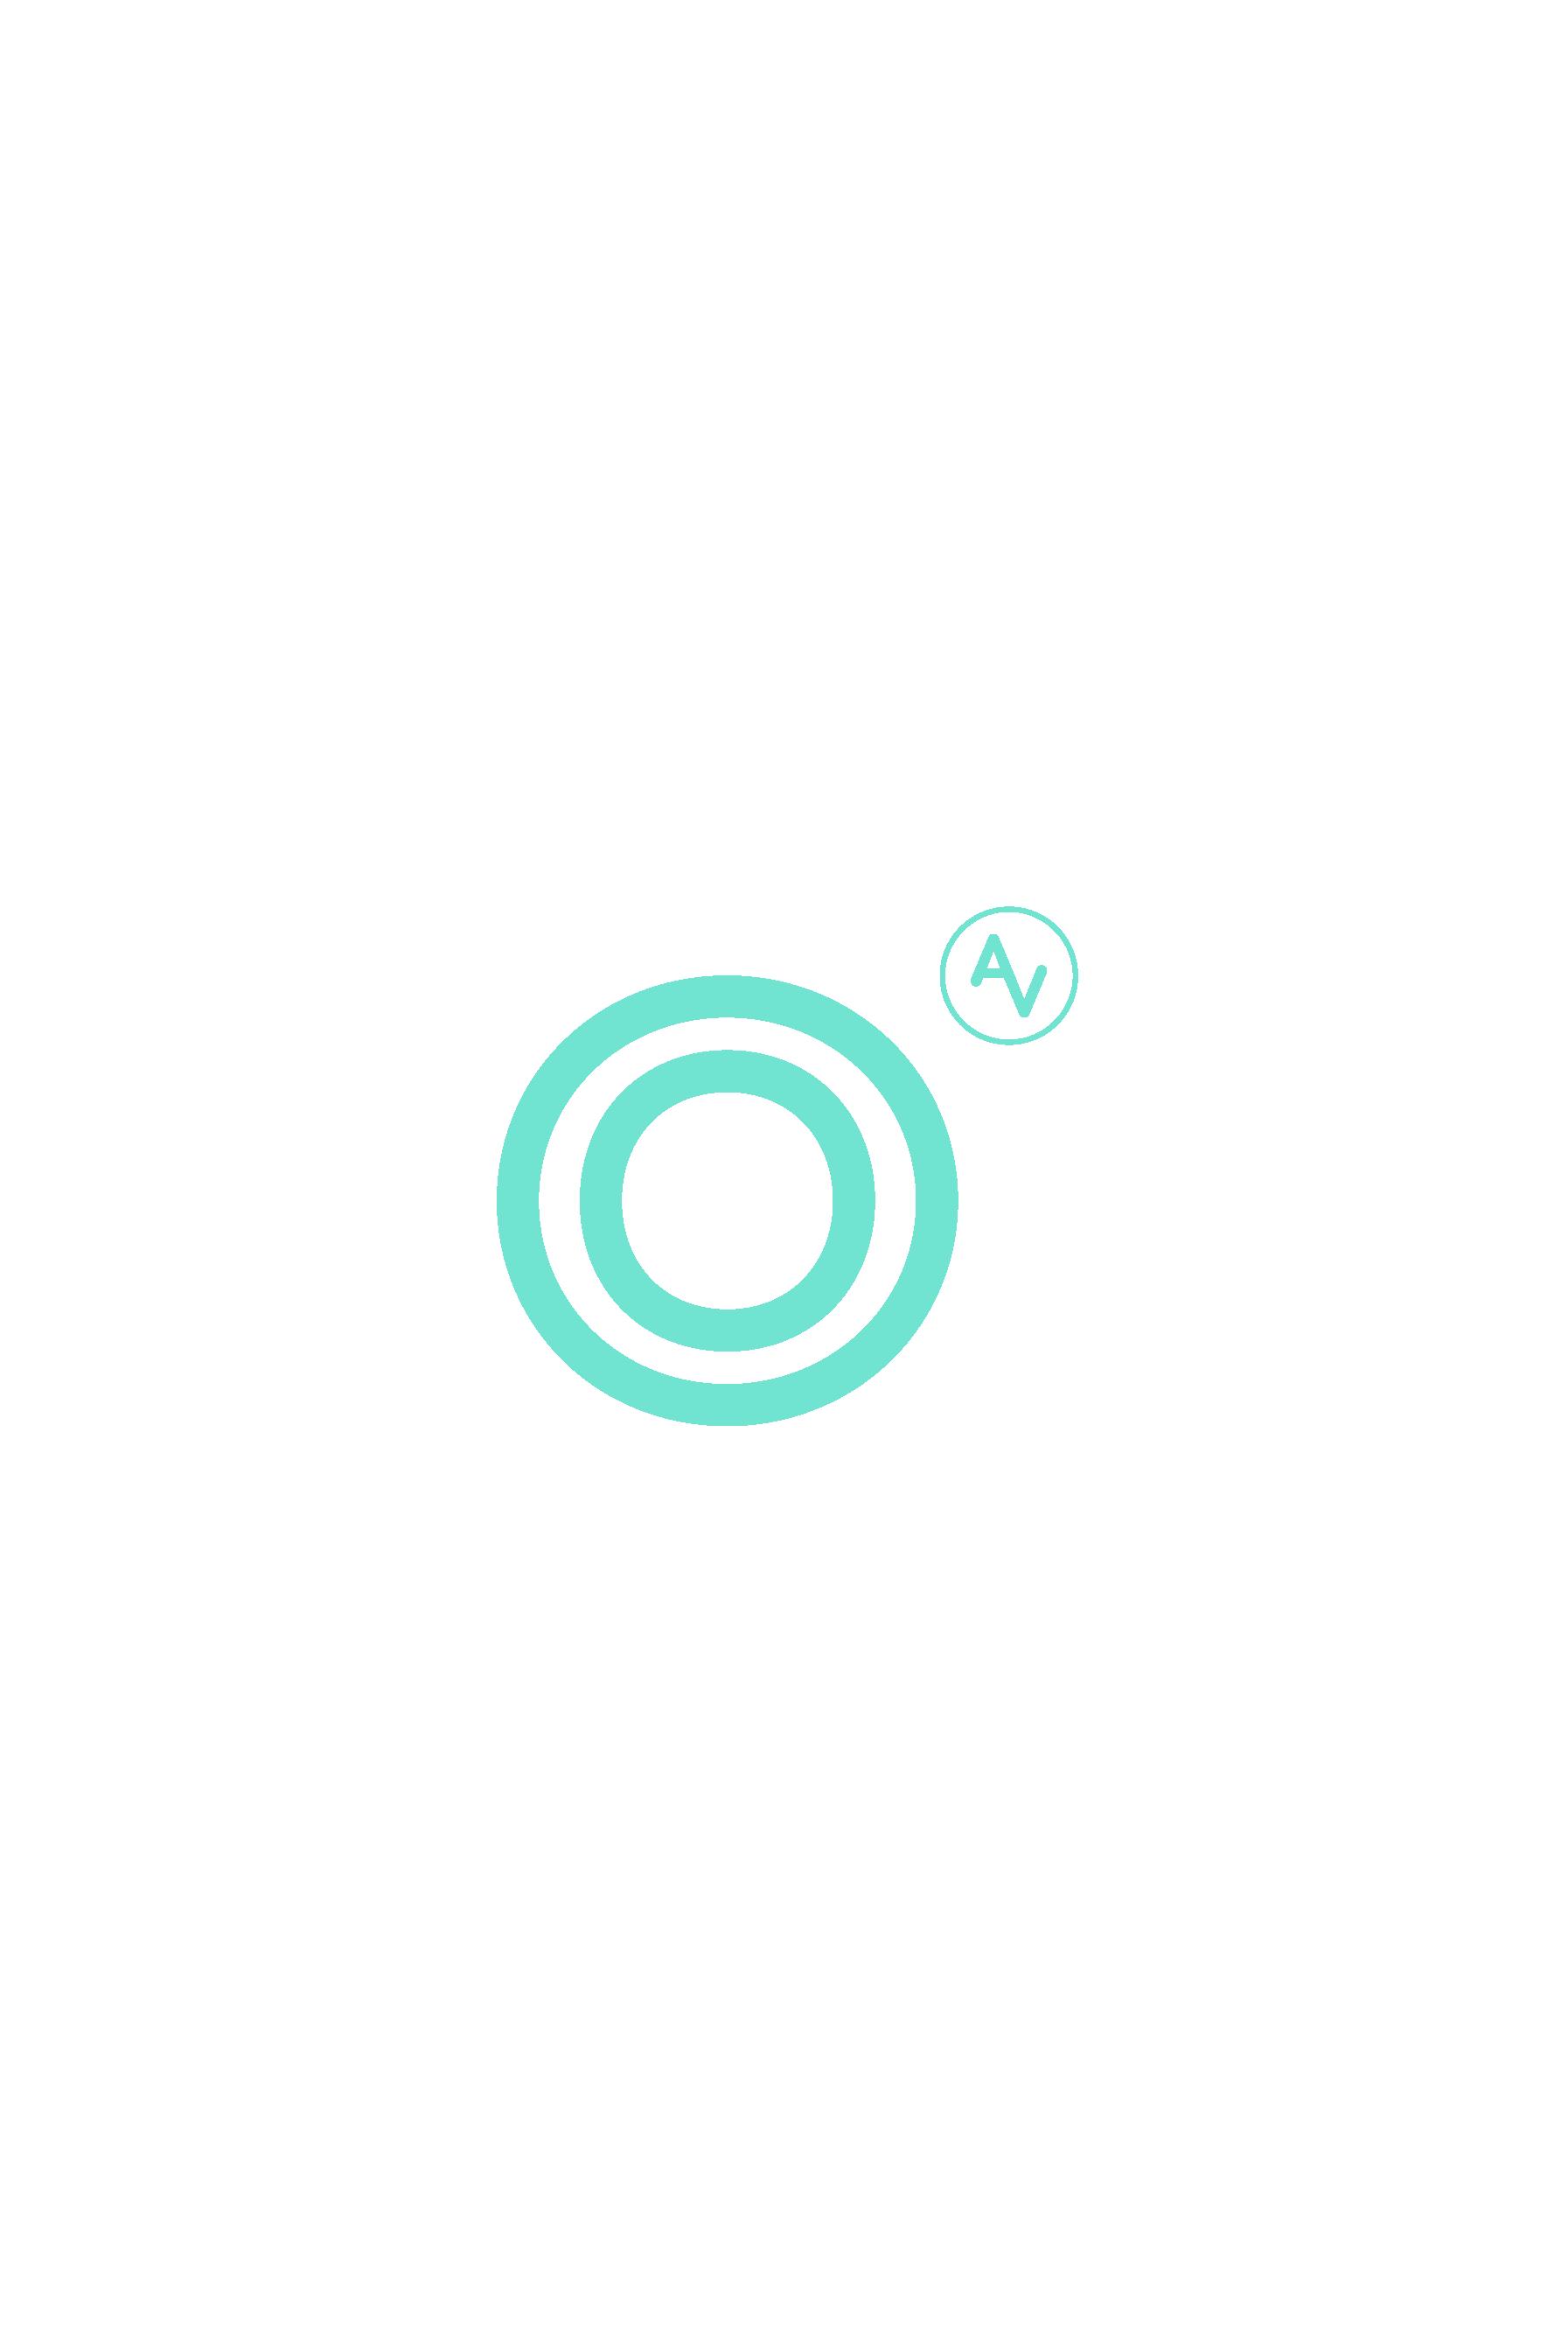 Luminocity AV Branding and Website